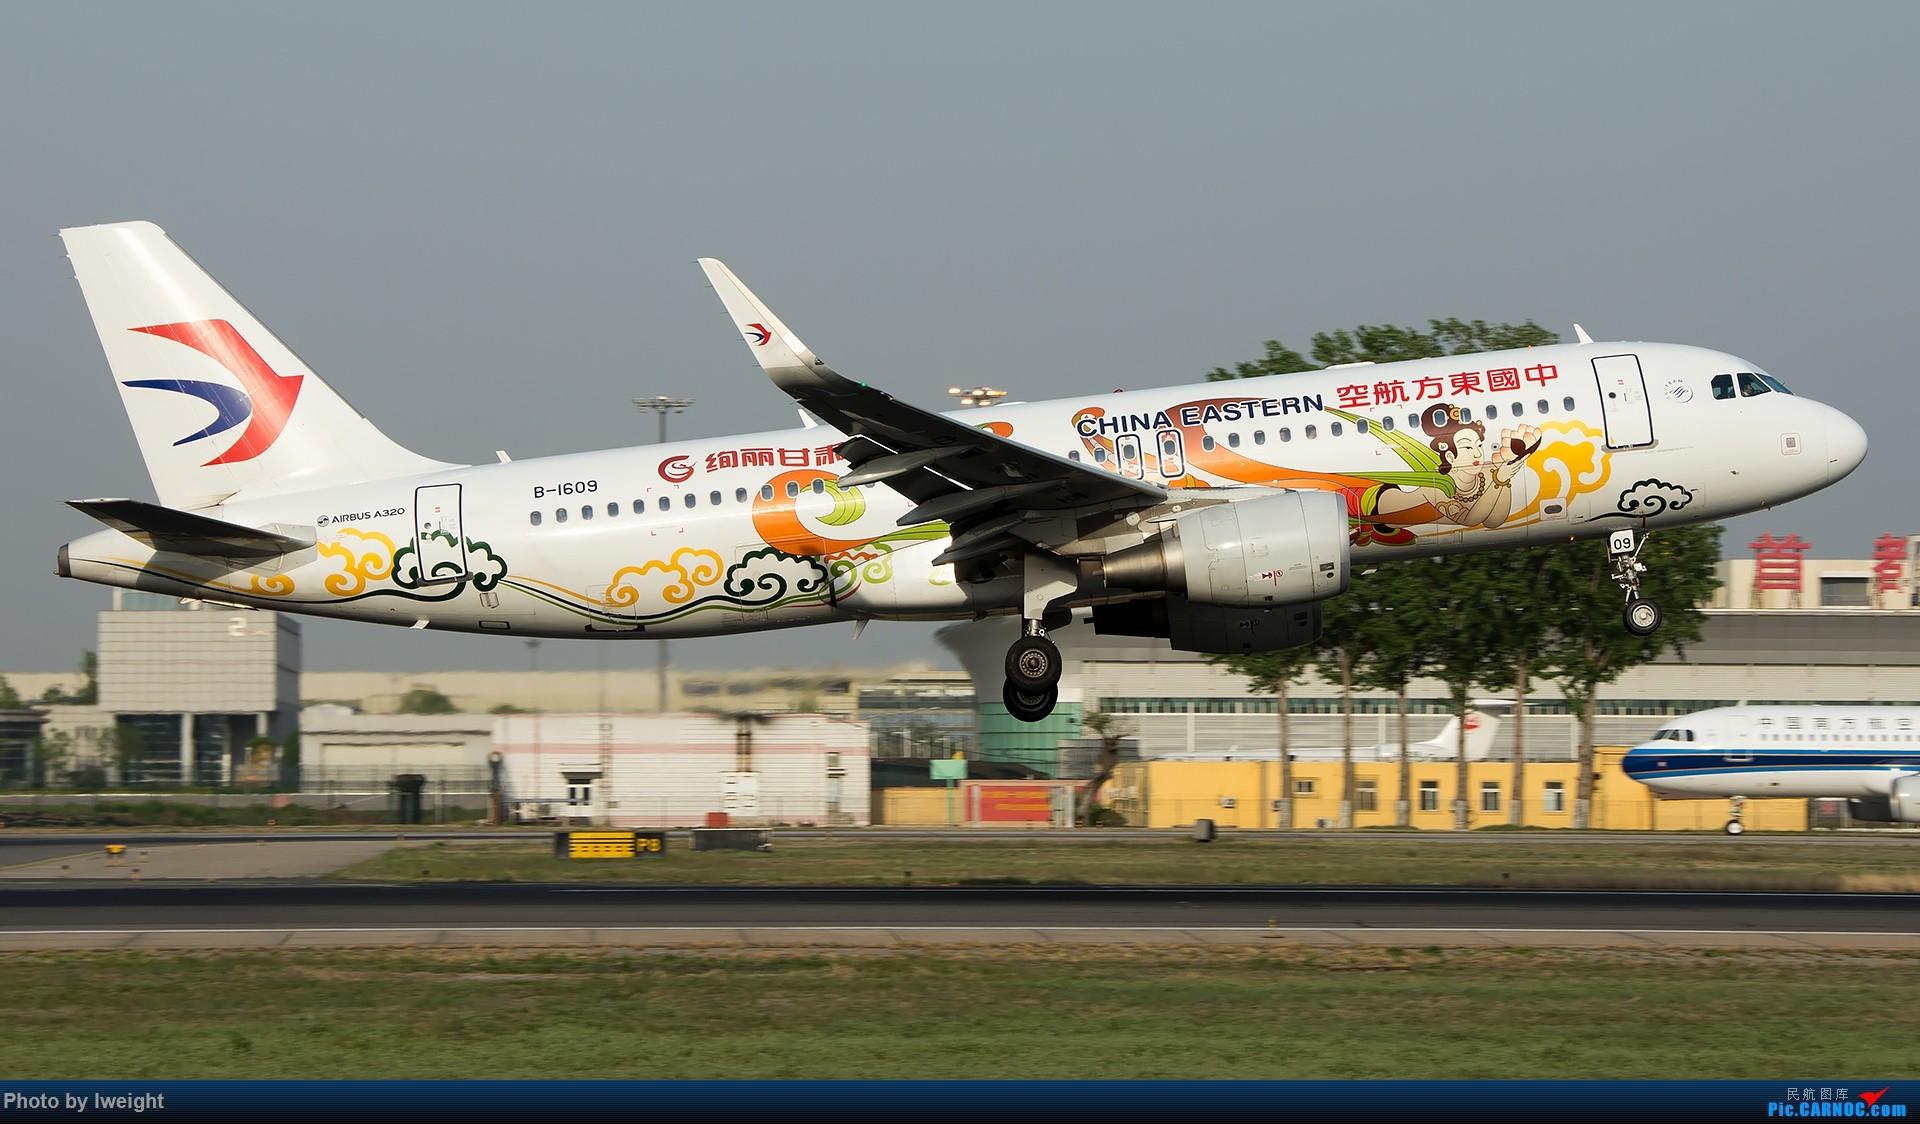 Re:[原创]天气晴朗,继续守候18R【多图】 AIRBUS A320-200 B-1609 中国北京首都国际机场